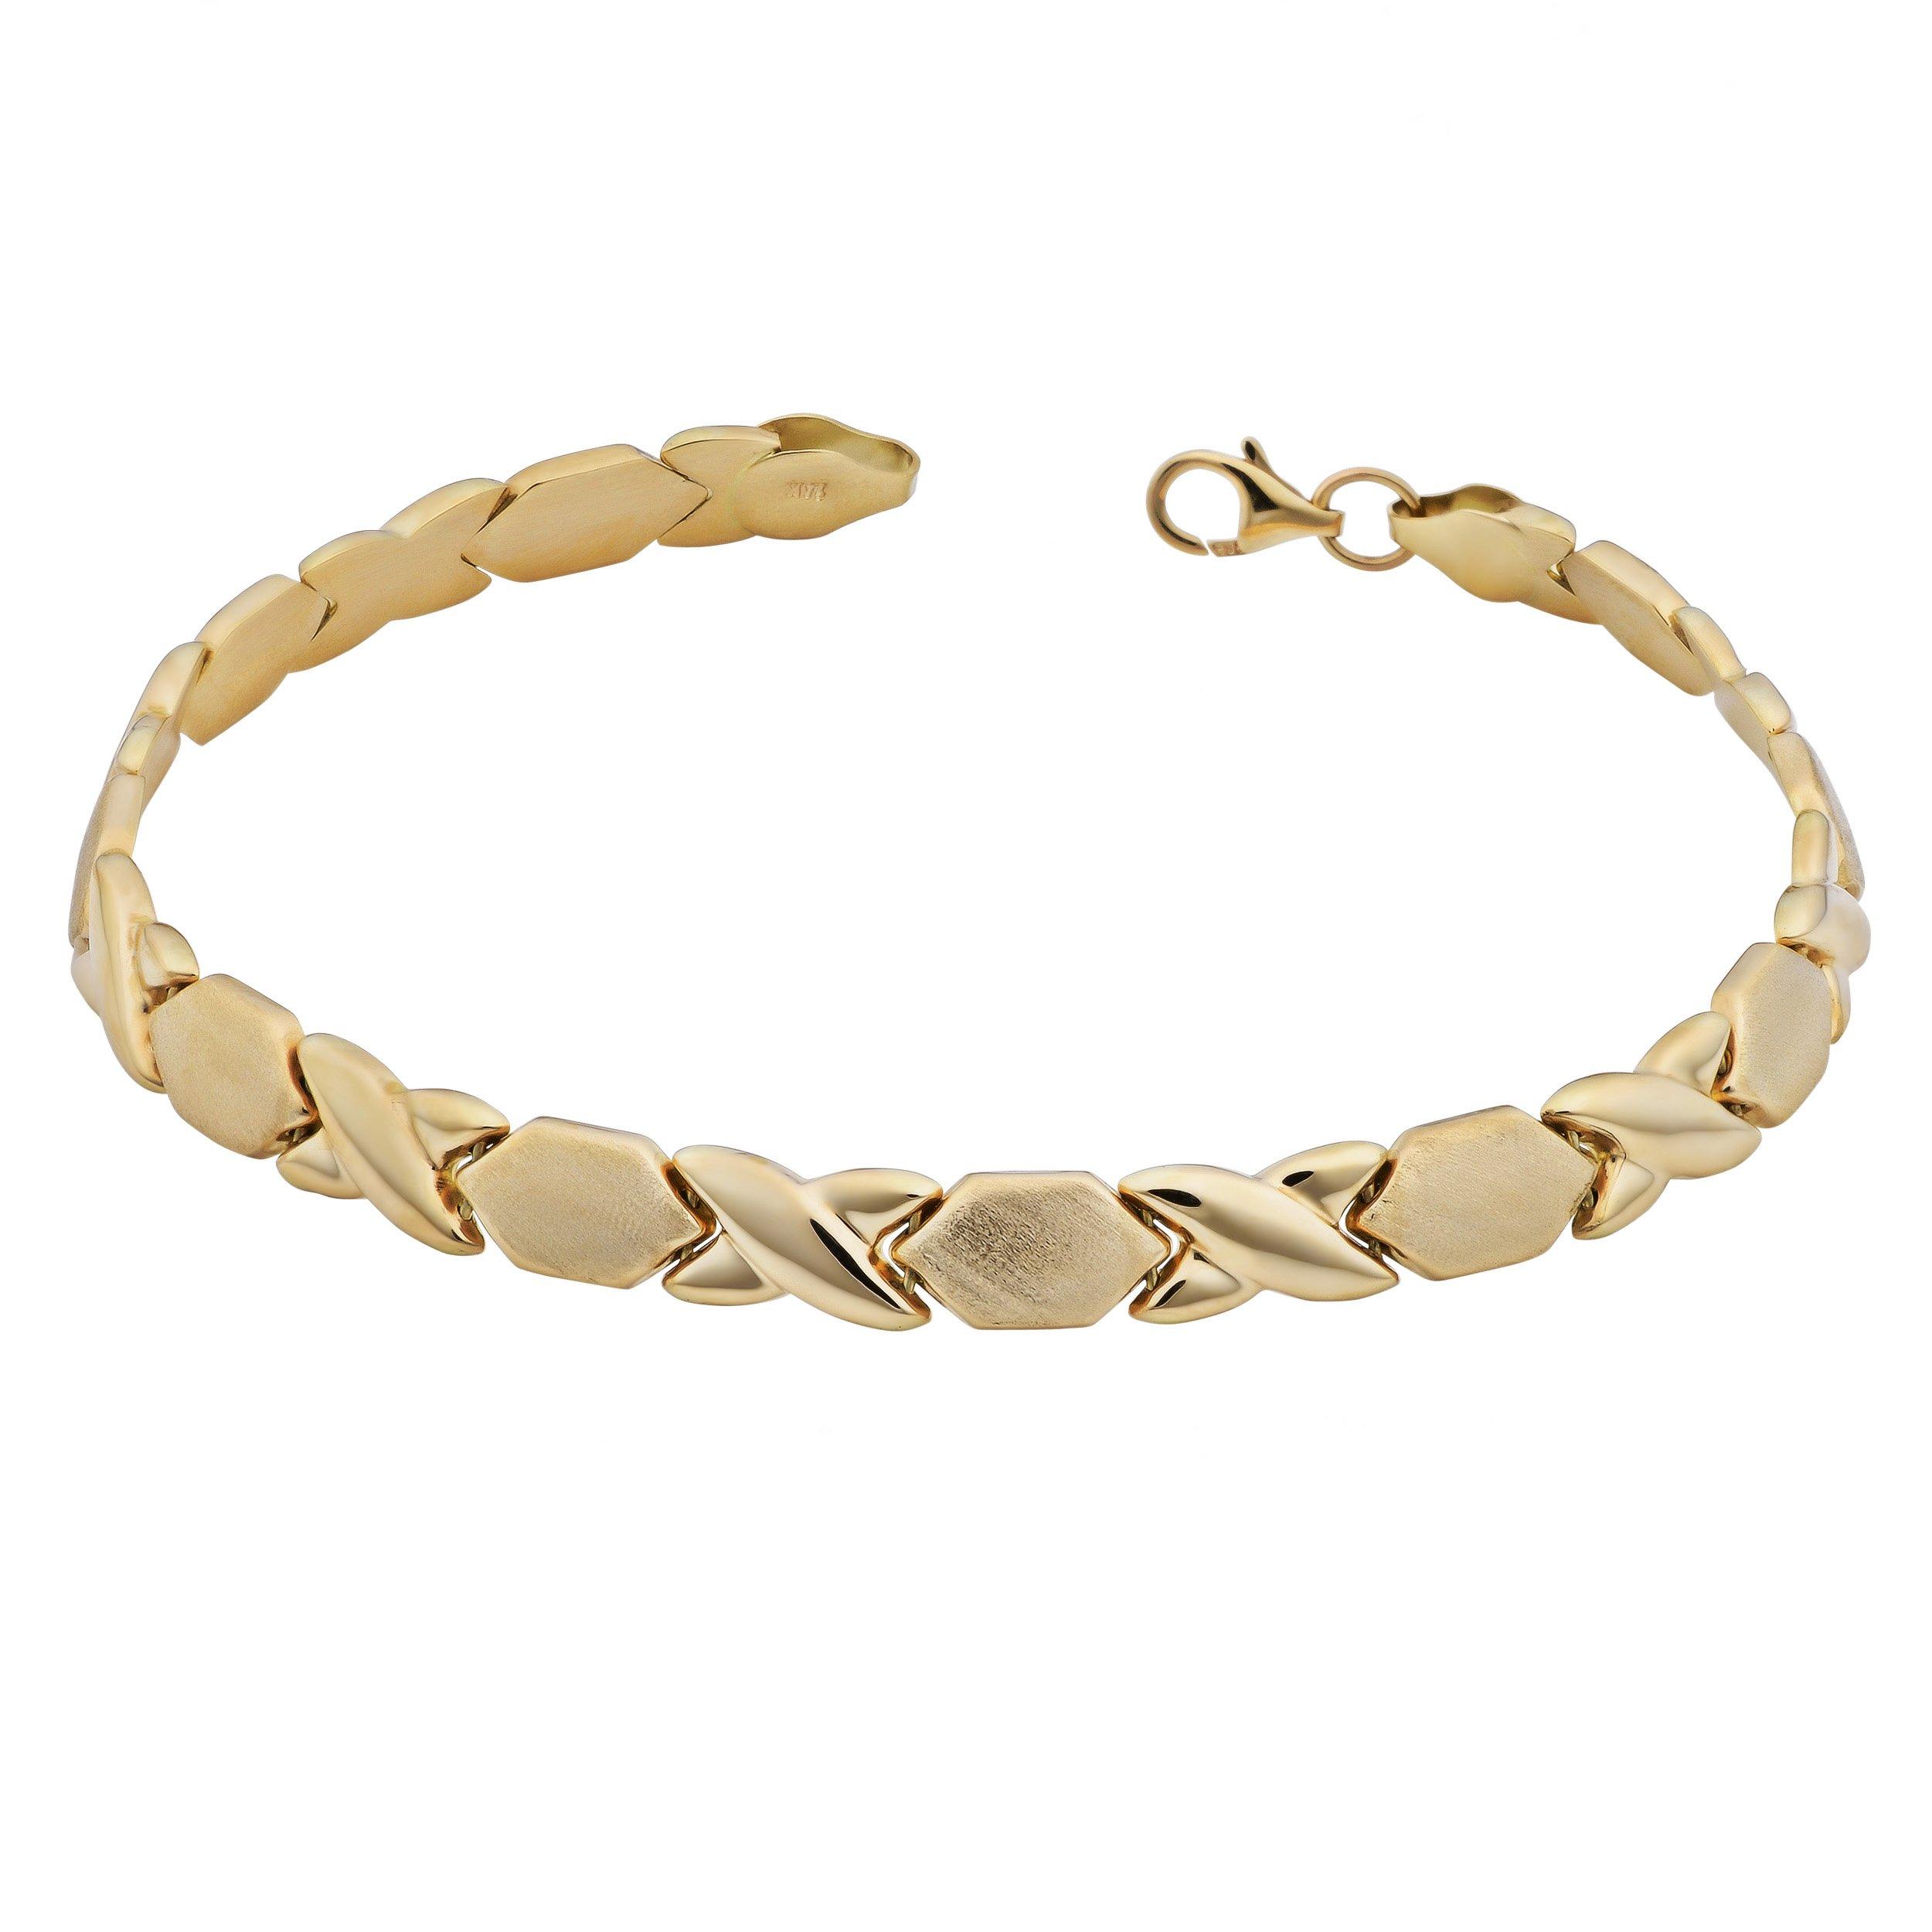 Kooljewelry 10k Yellow Gold 6 mm XO Link Bracelet (7.5 inch)